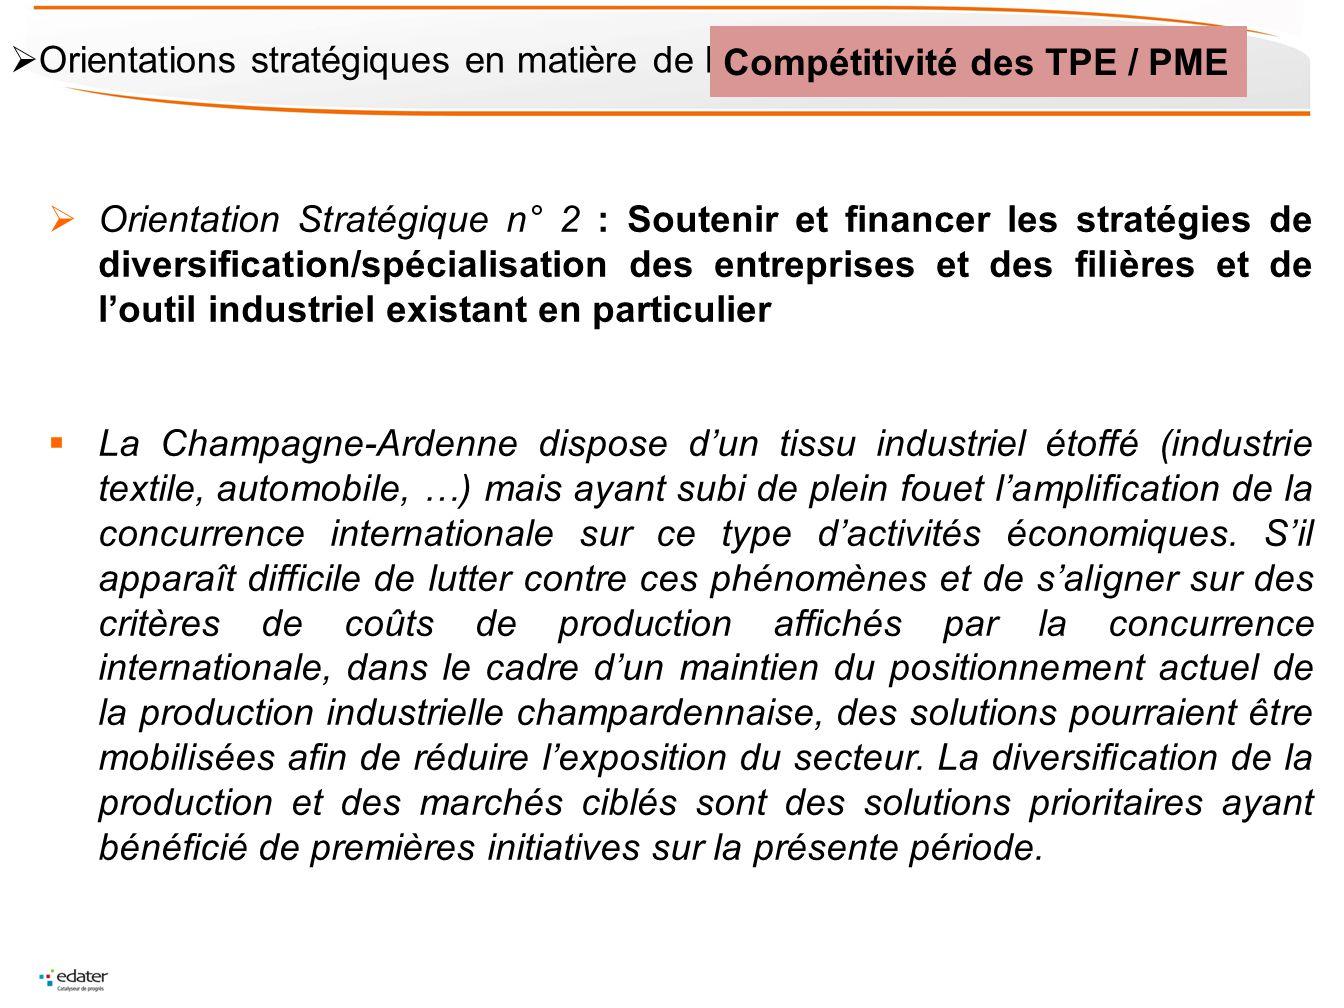 Orientation Stratégique n° 2 : Soutenir et financer les stratégies de diversification/spécialisation des entreprises et des filières et de loutil indu